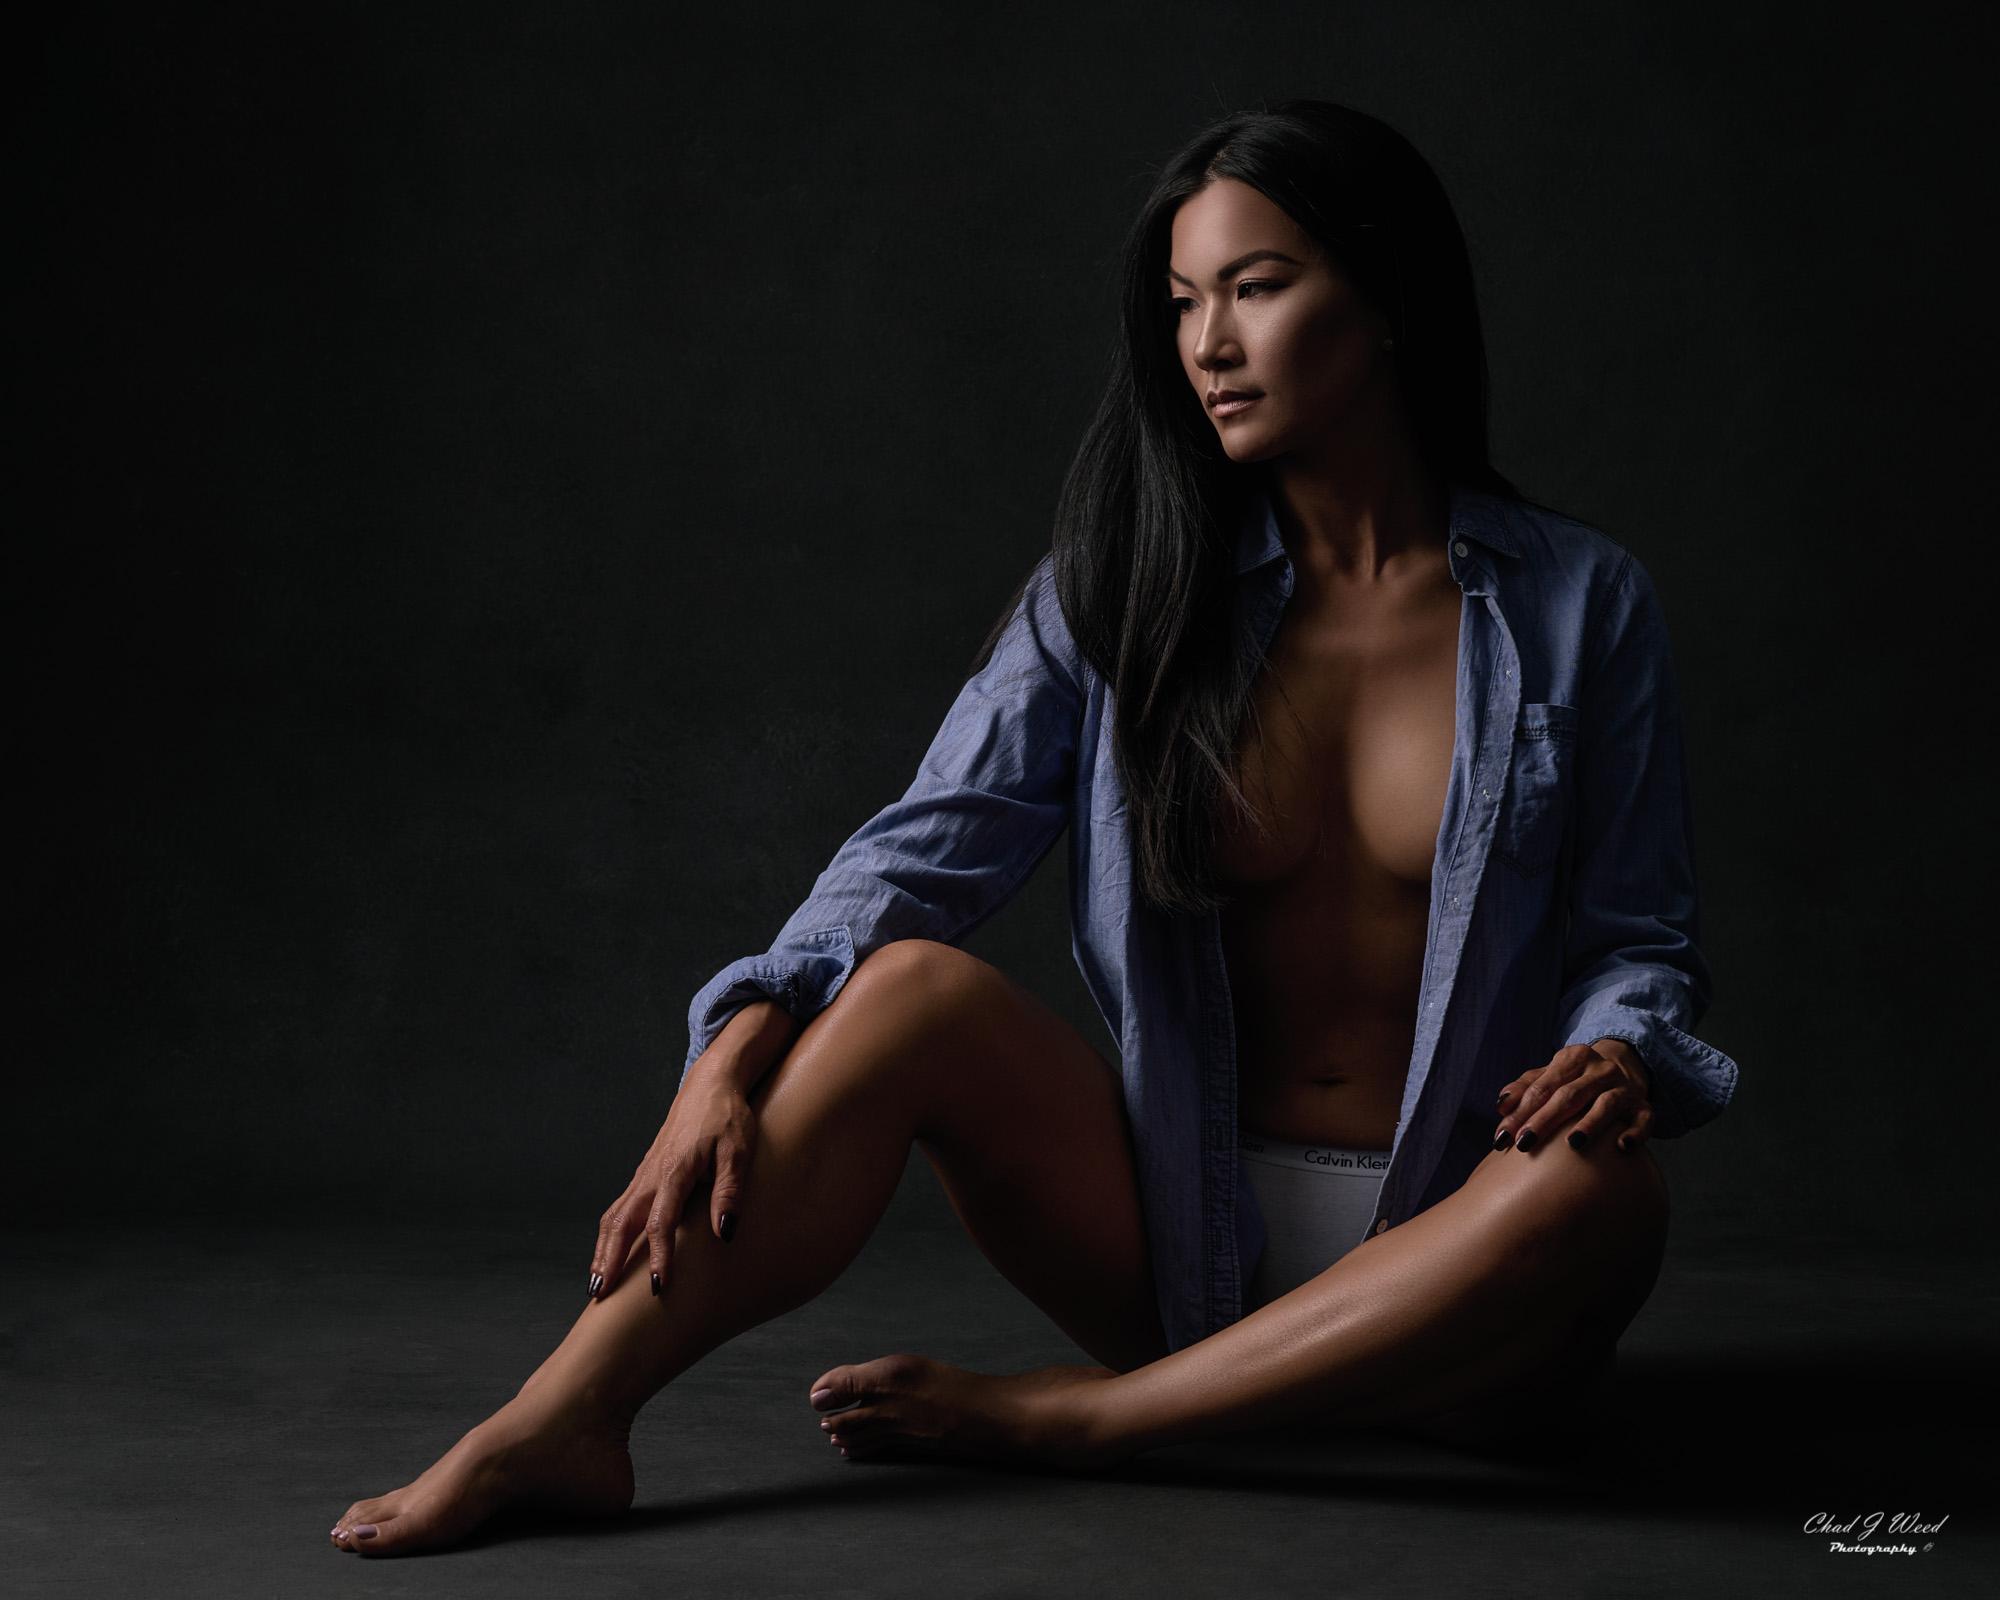 Mesa Arizona Fitness Model Photographer Chad Weed with Bikini Model Lora